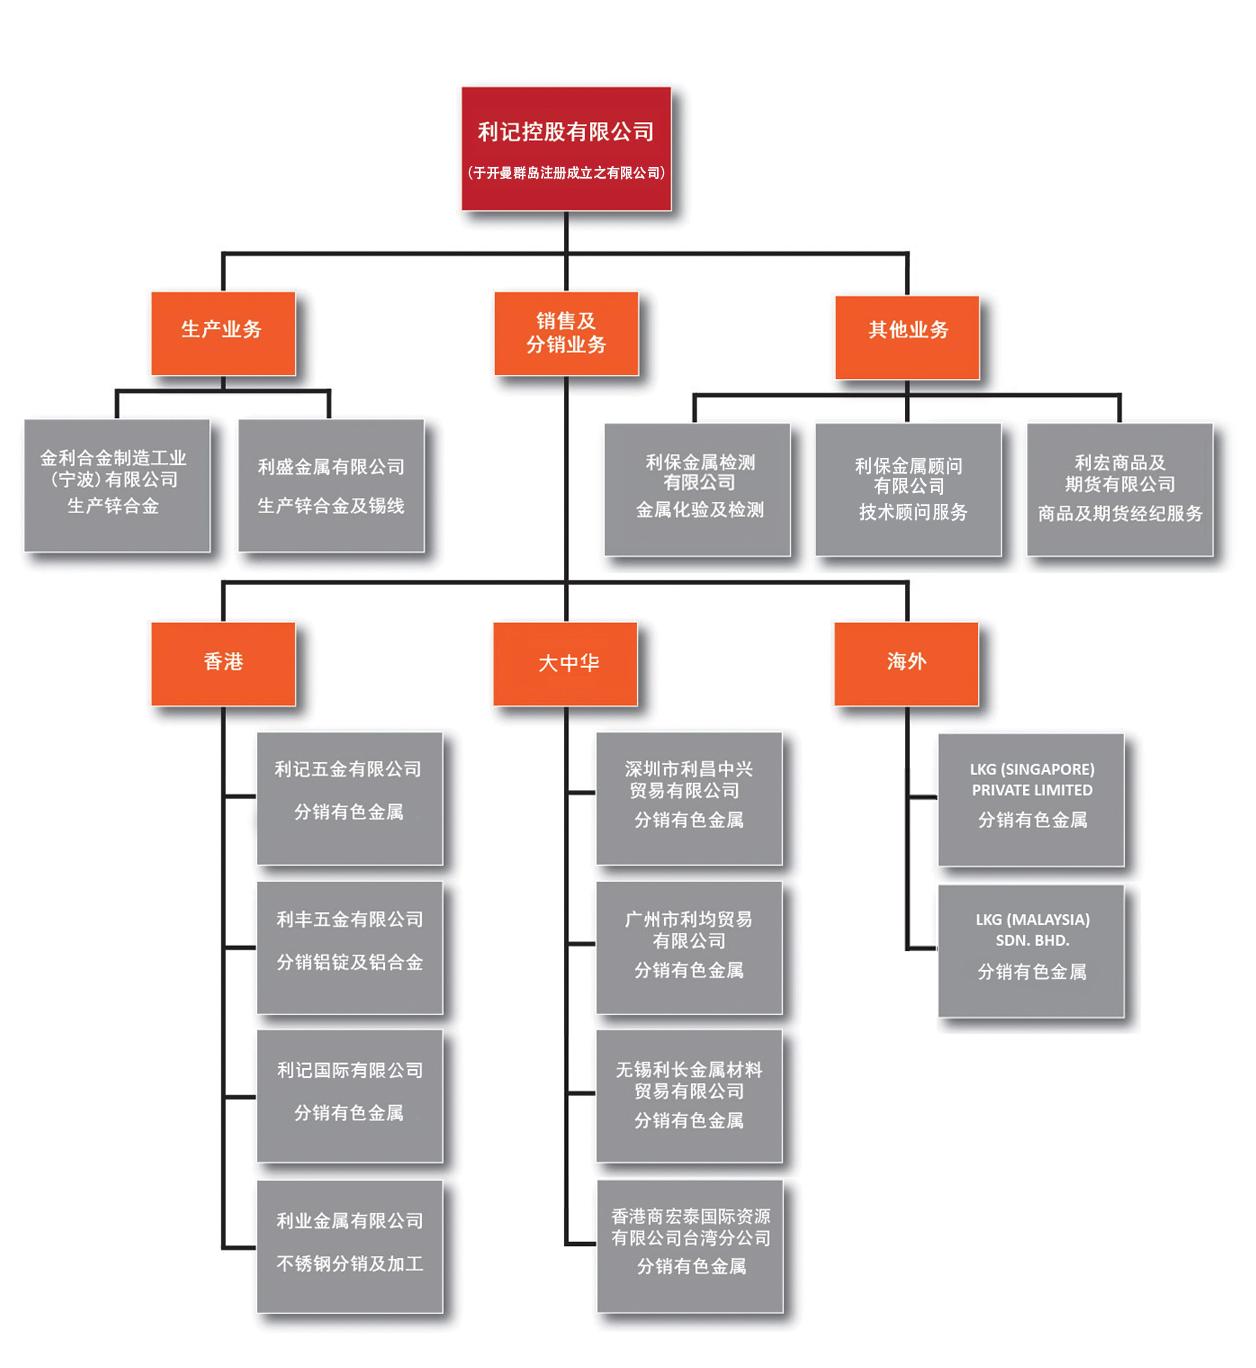 organisation structure sim_190726